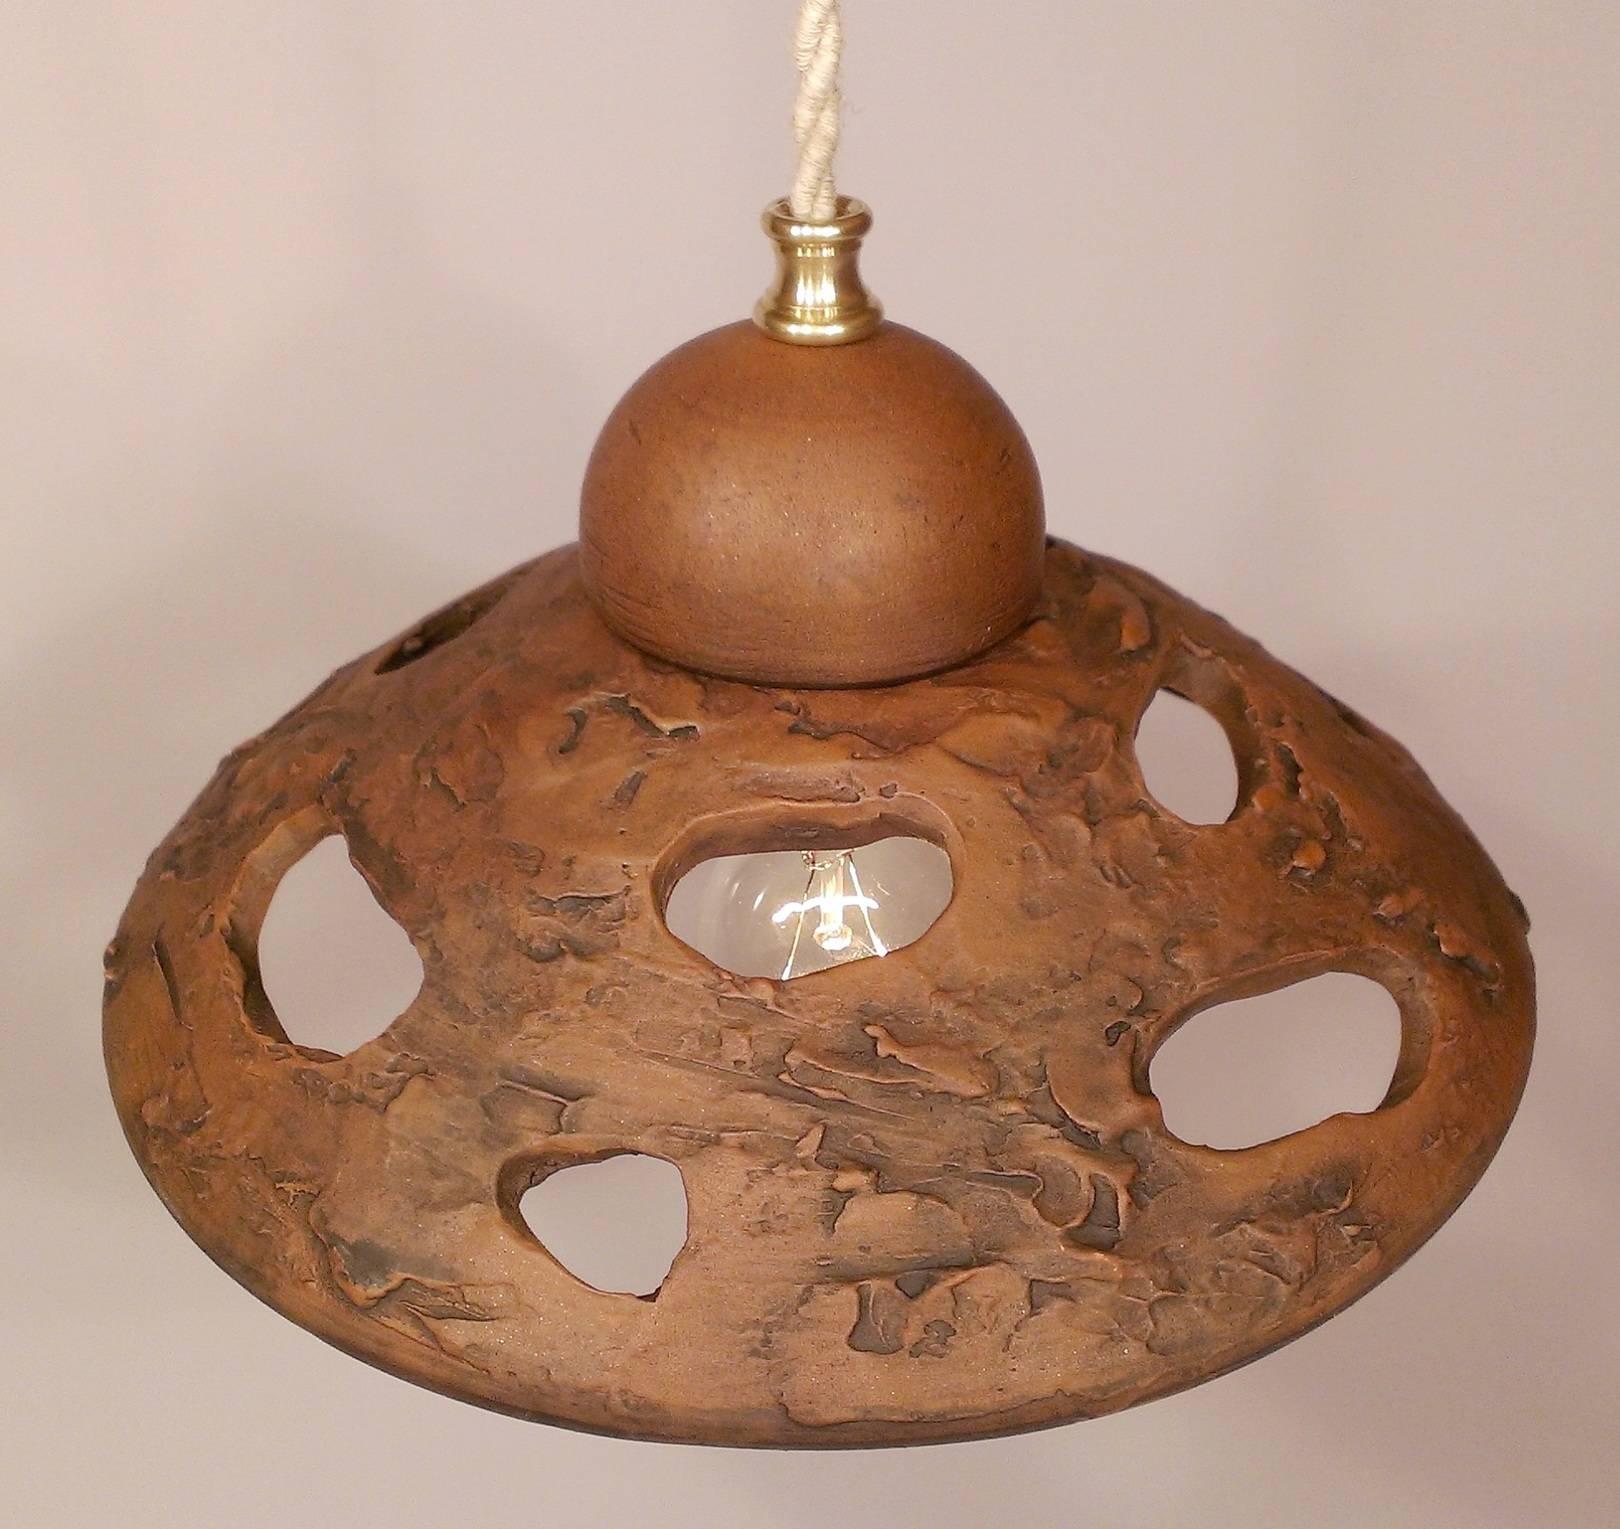 """Потолочный светильник на подвесе. """"Морской прибой"""" Красная глина, гончарный круг, молочение. Провод задекорирован под льняную веревку."""